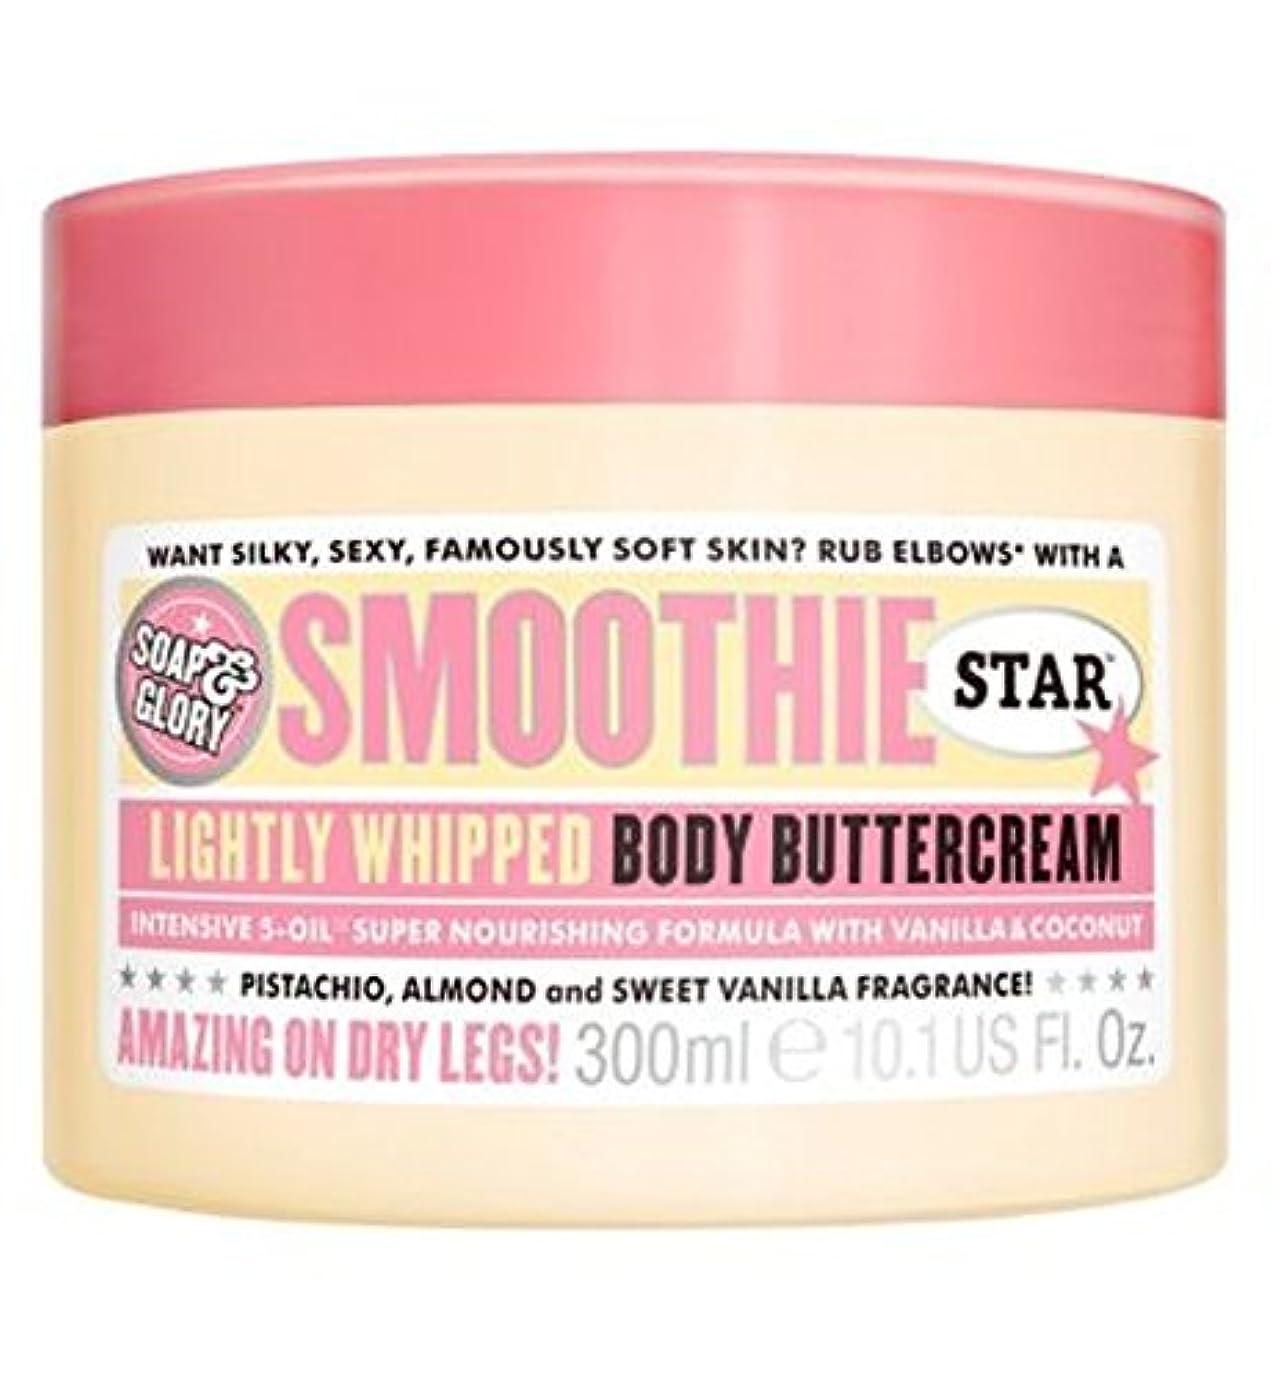 ブラウザクック遊びます石鹸&栄光スムージースターのボディバタークリームの300ミリリットル (Soap & Glory) (x2) - Soap & Glory Smoothie Star Body Buttercream 300ml (Pack...